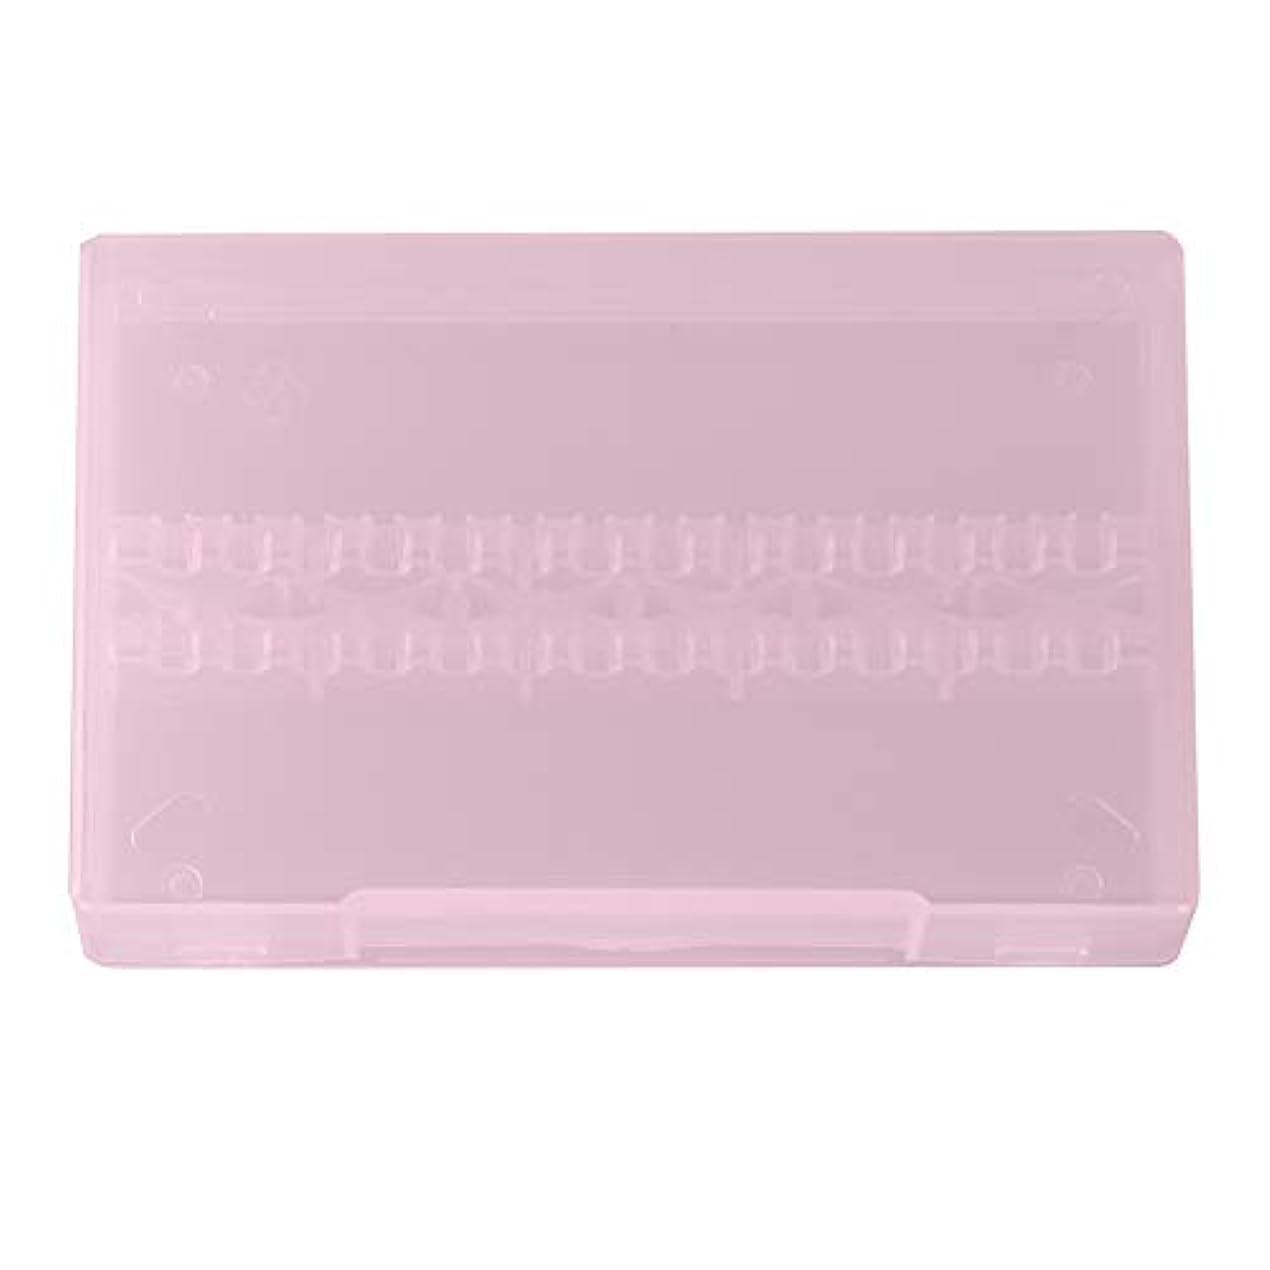 ネイルドリルボックス、14穴プロフェッショナルネイルアート研磨研削ドリルビットホルダーディスプレイ収納ボックスコンテナ(ピンク)